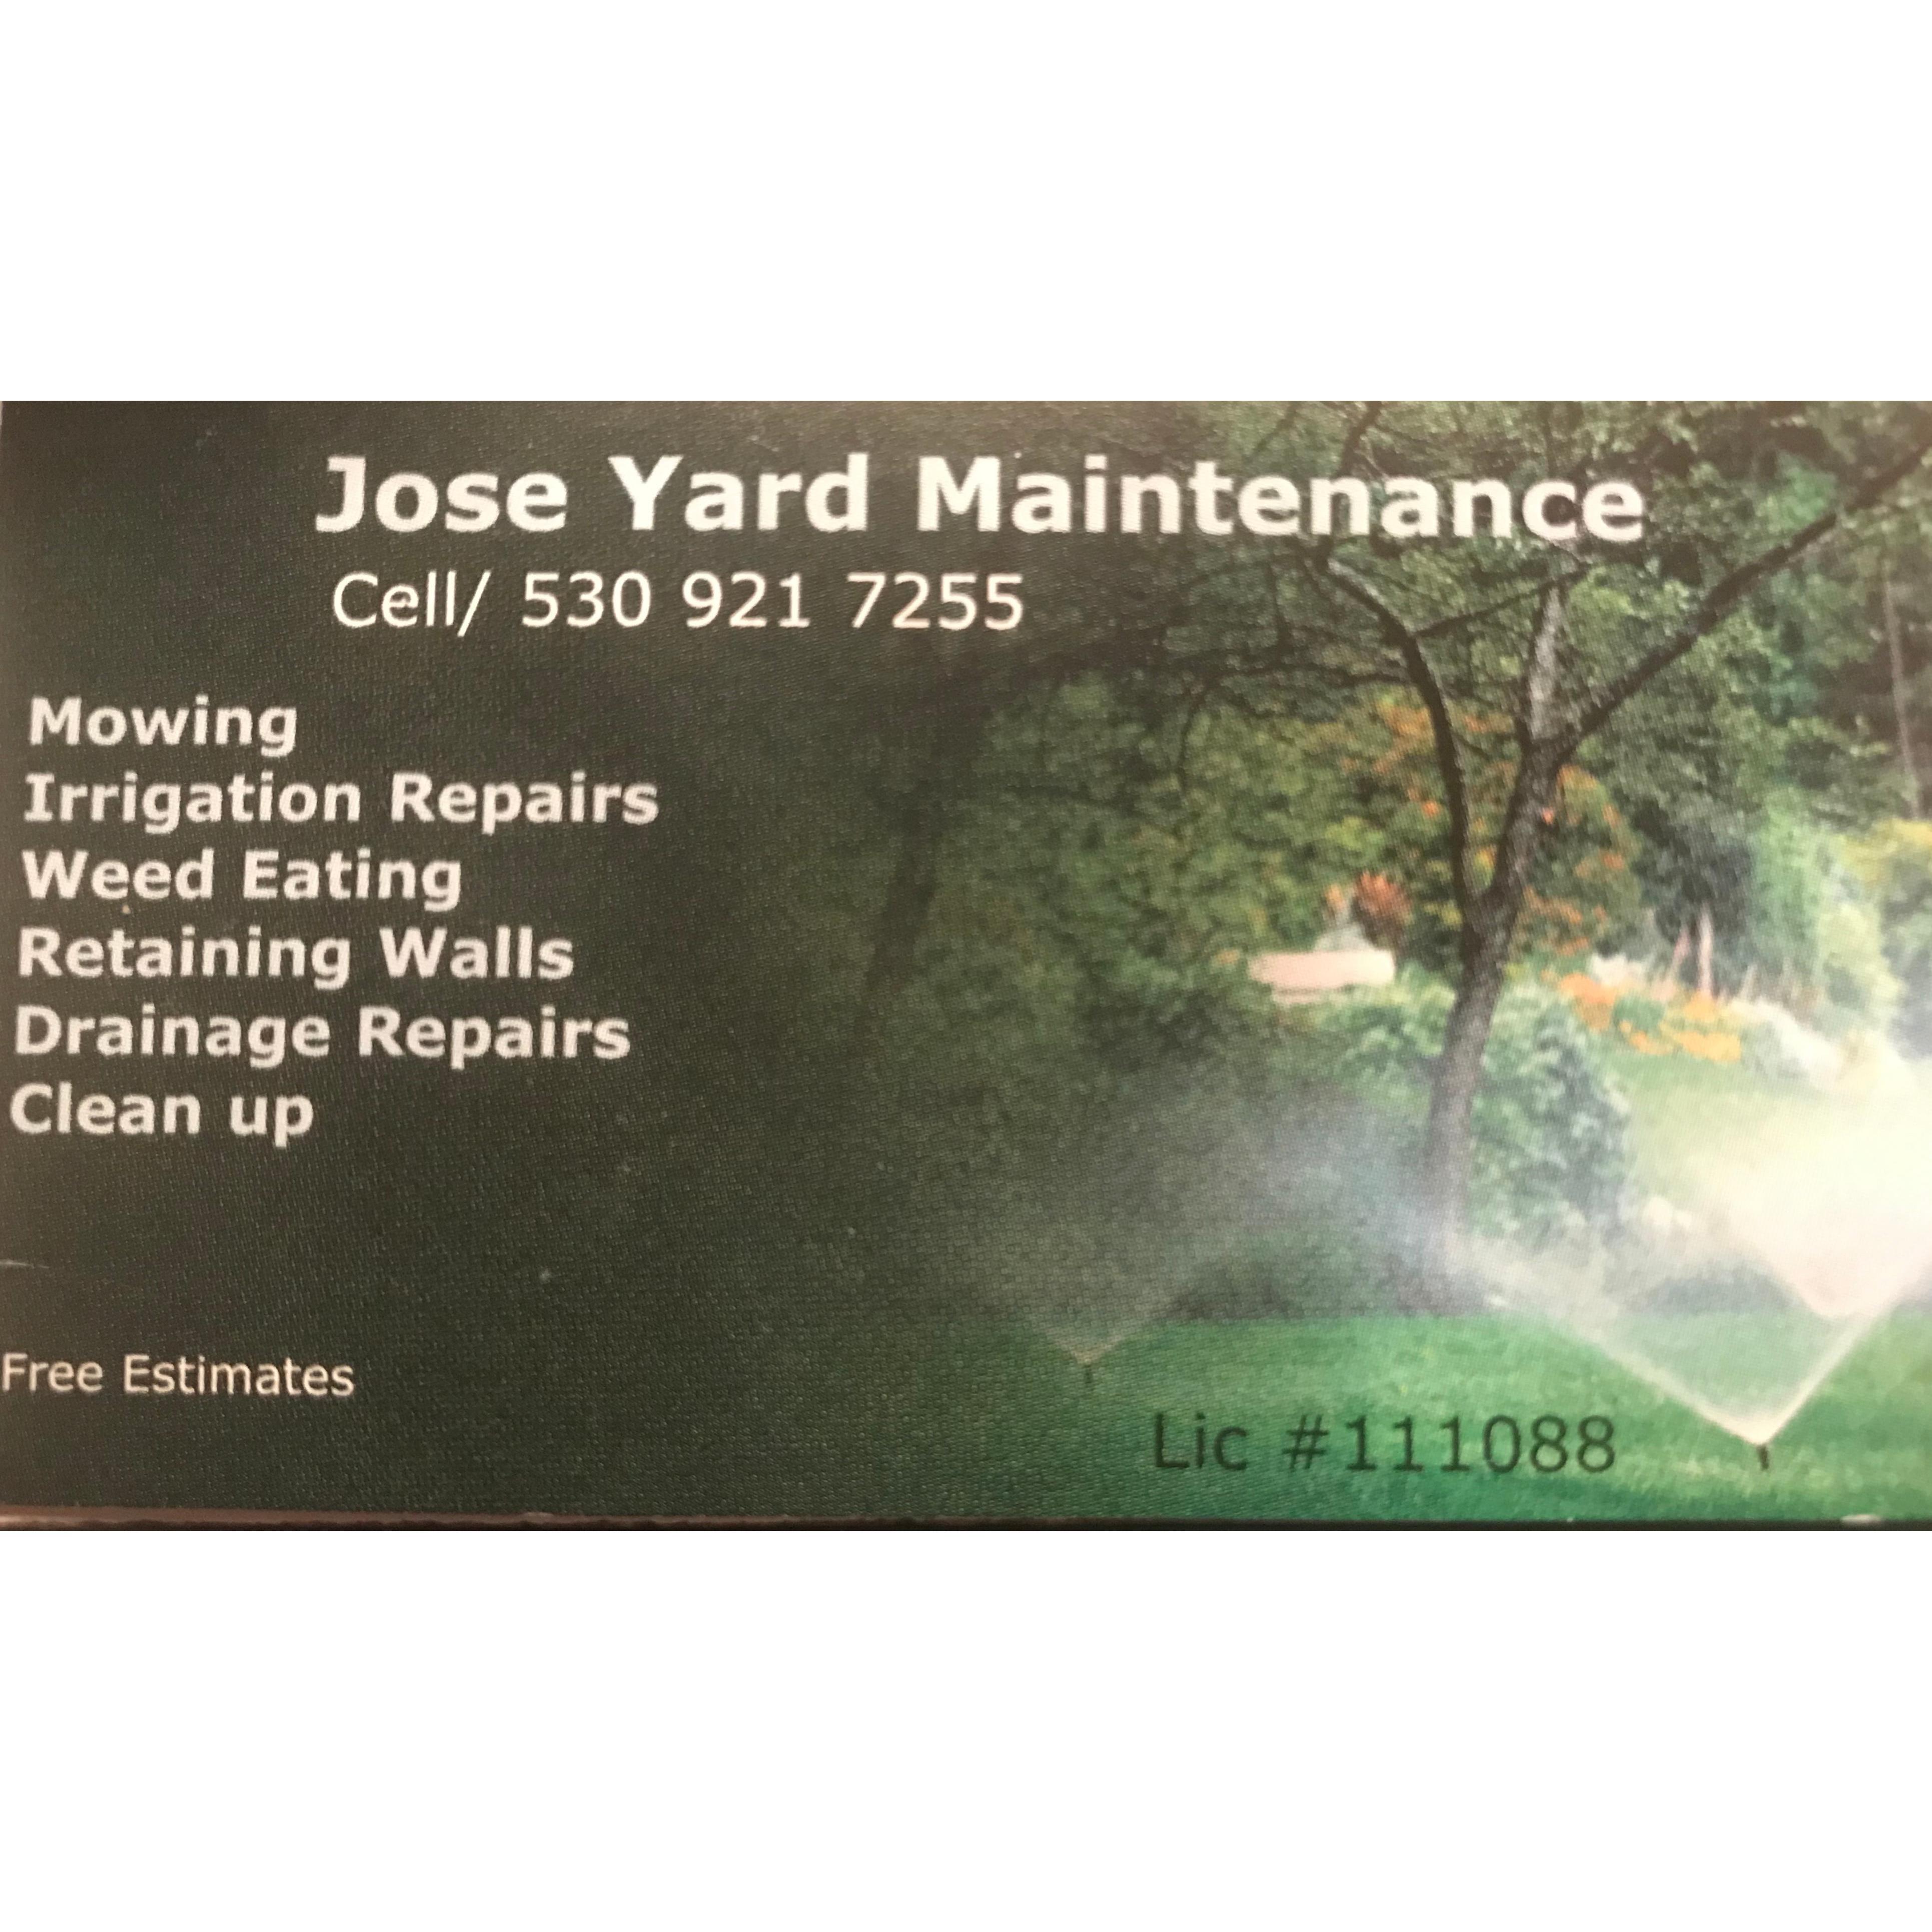 Jose Yard Maintenance